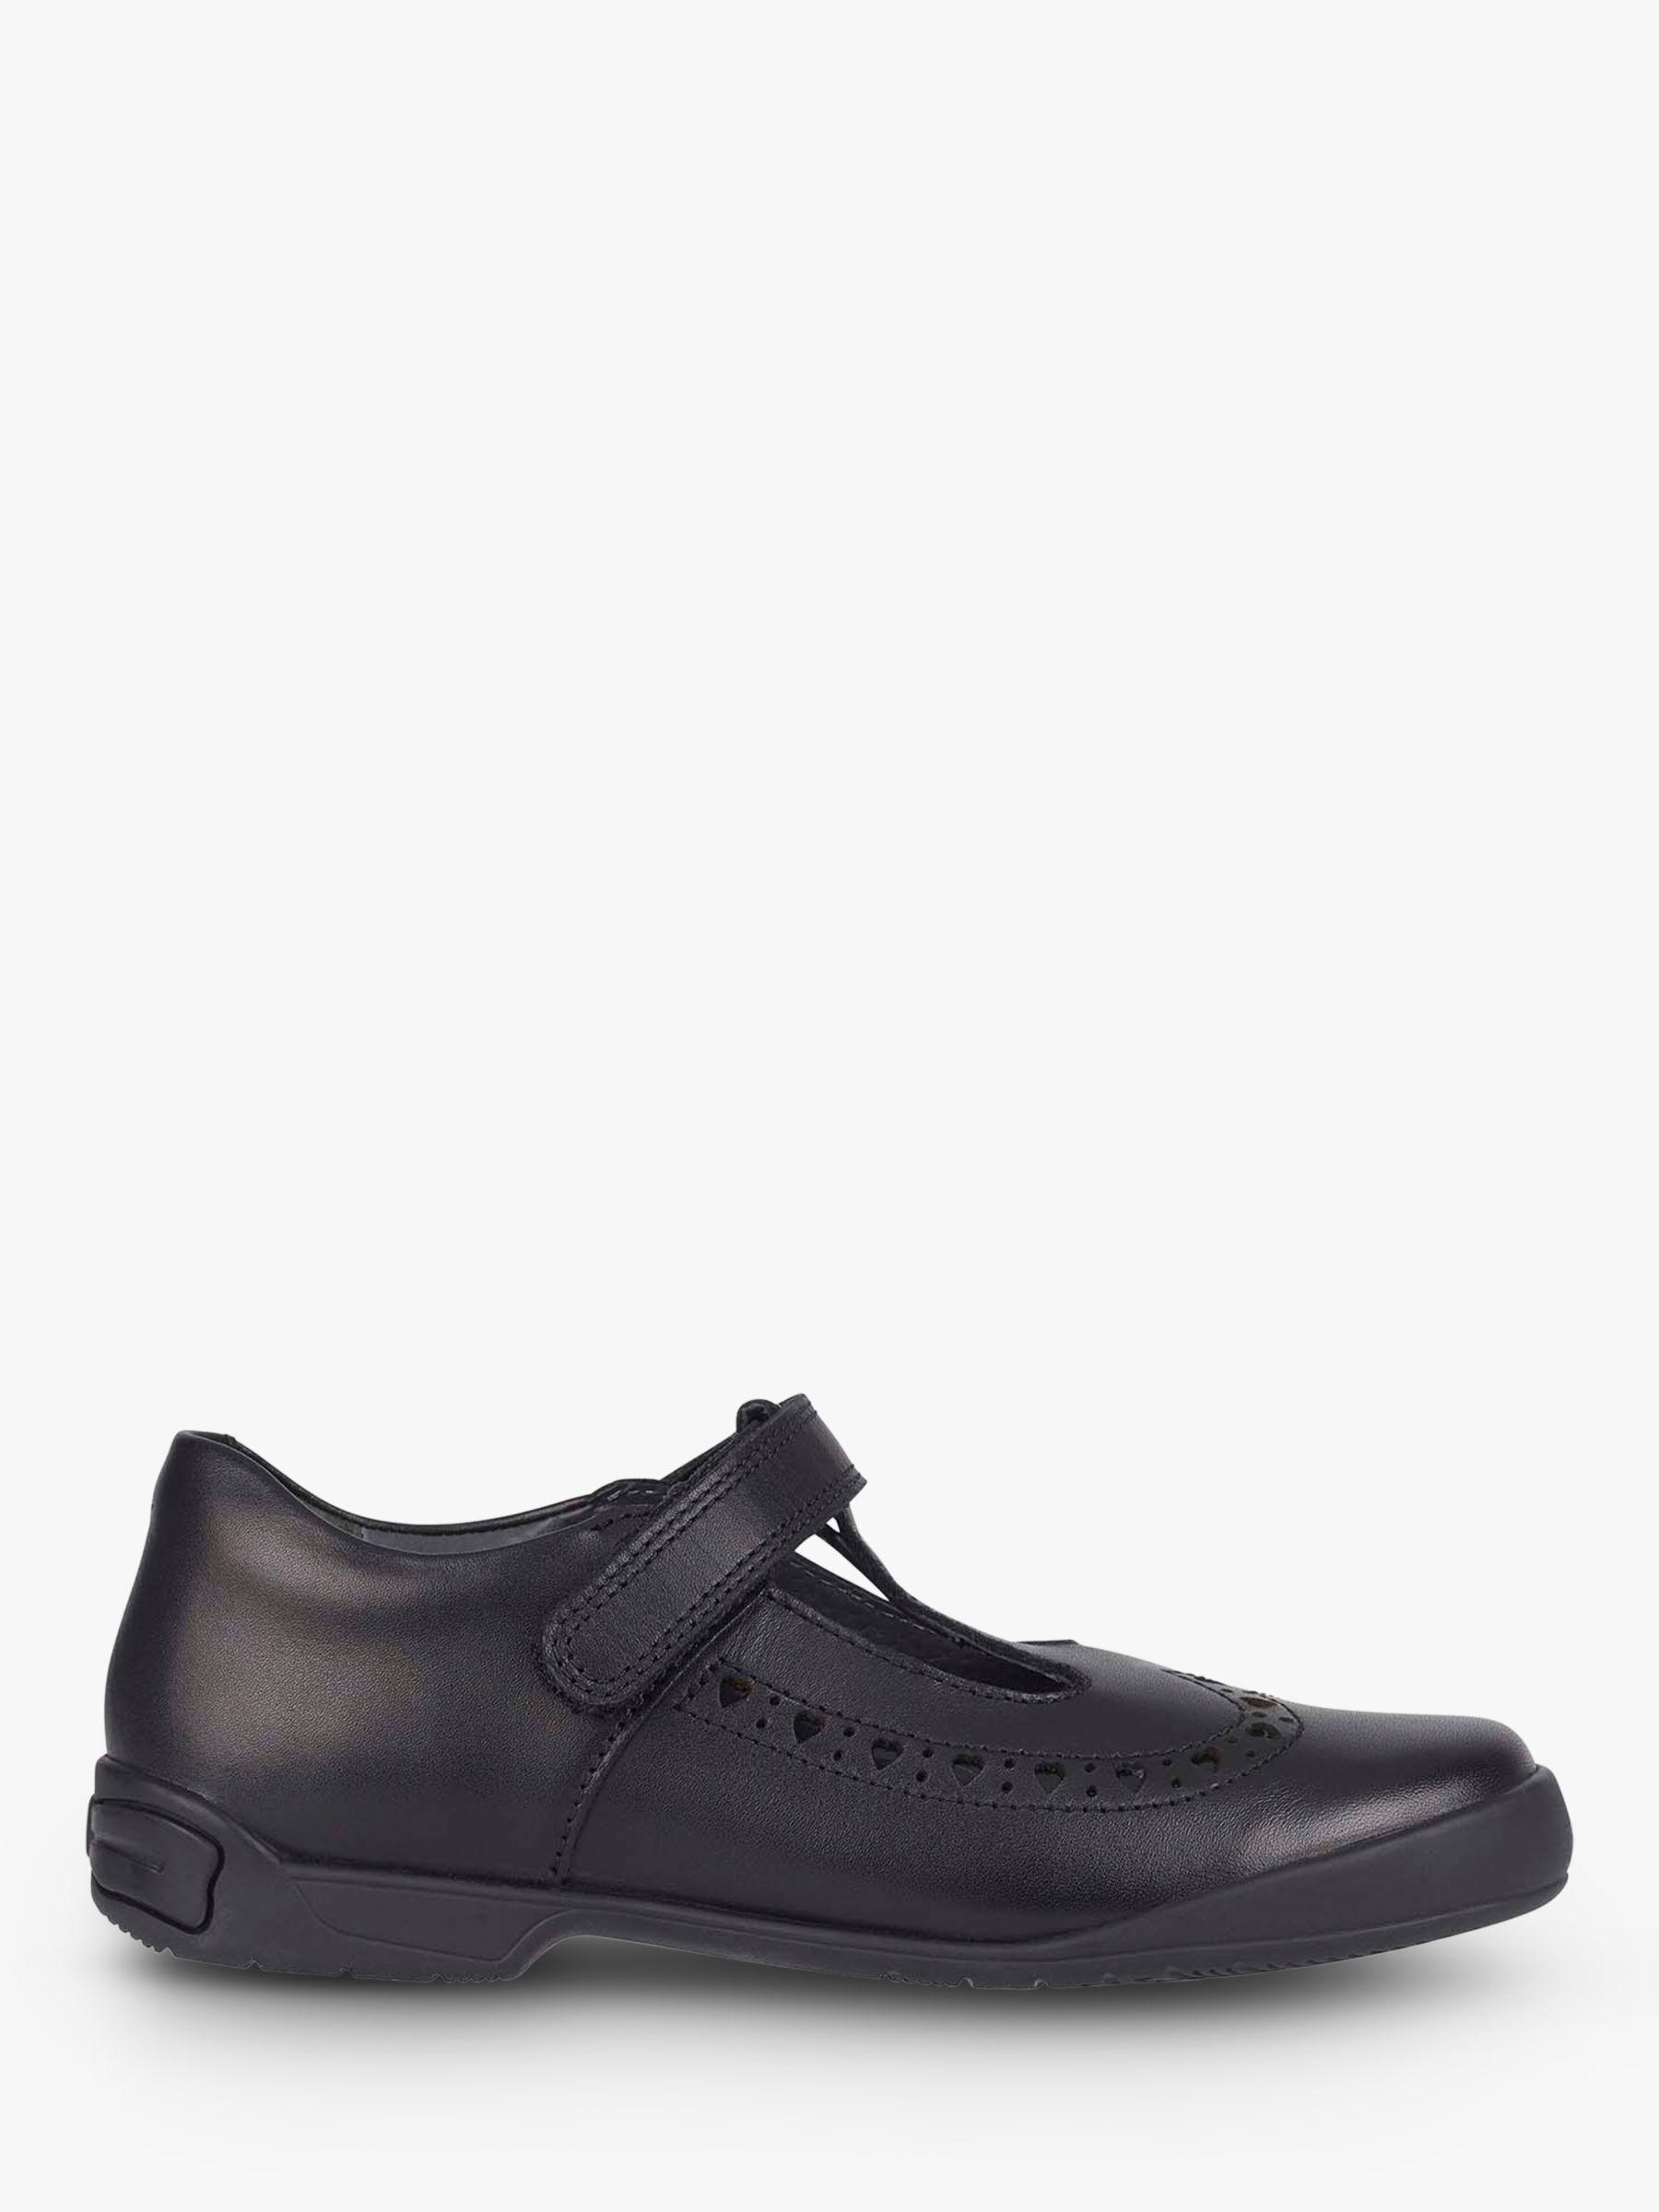 Start-Rite Start-rite Children's Leapfrog Riptape Leather Shoes, Black